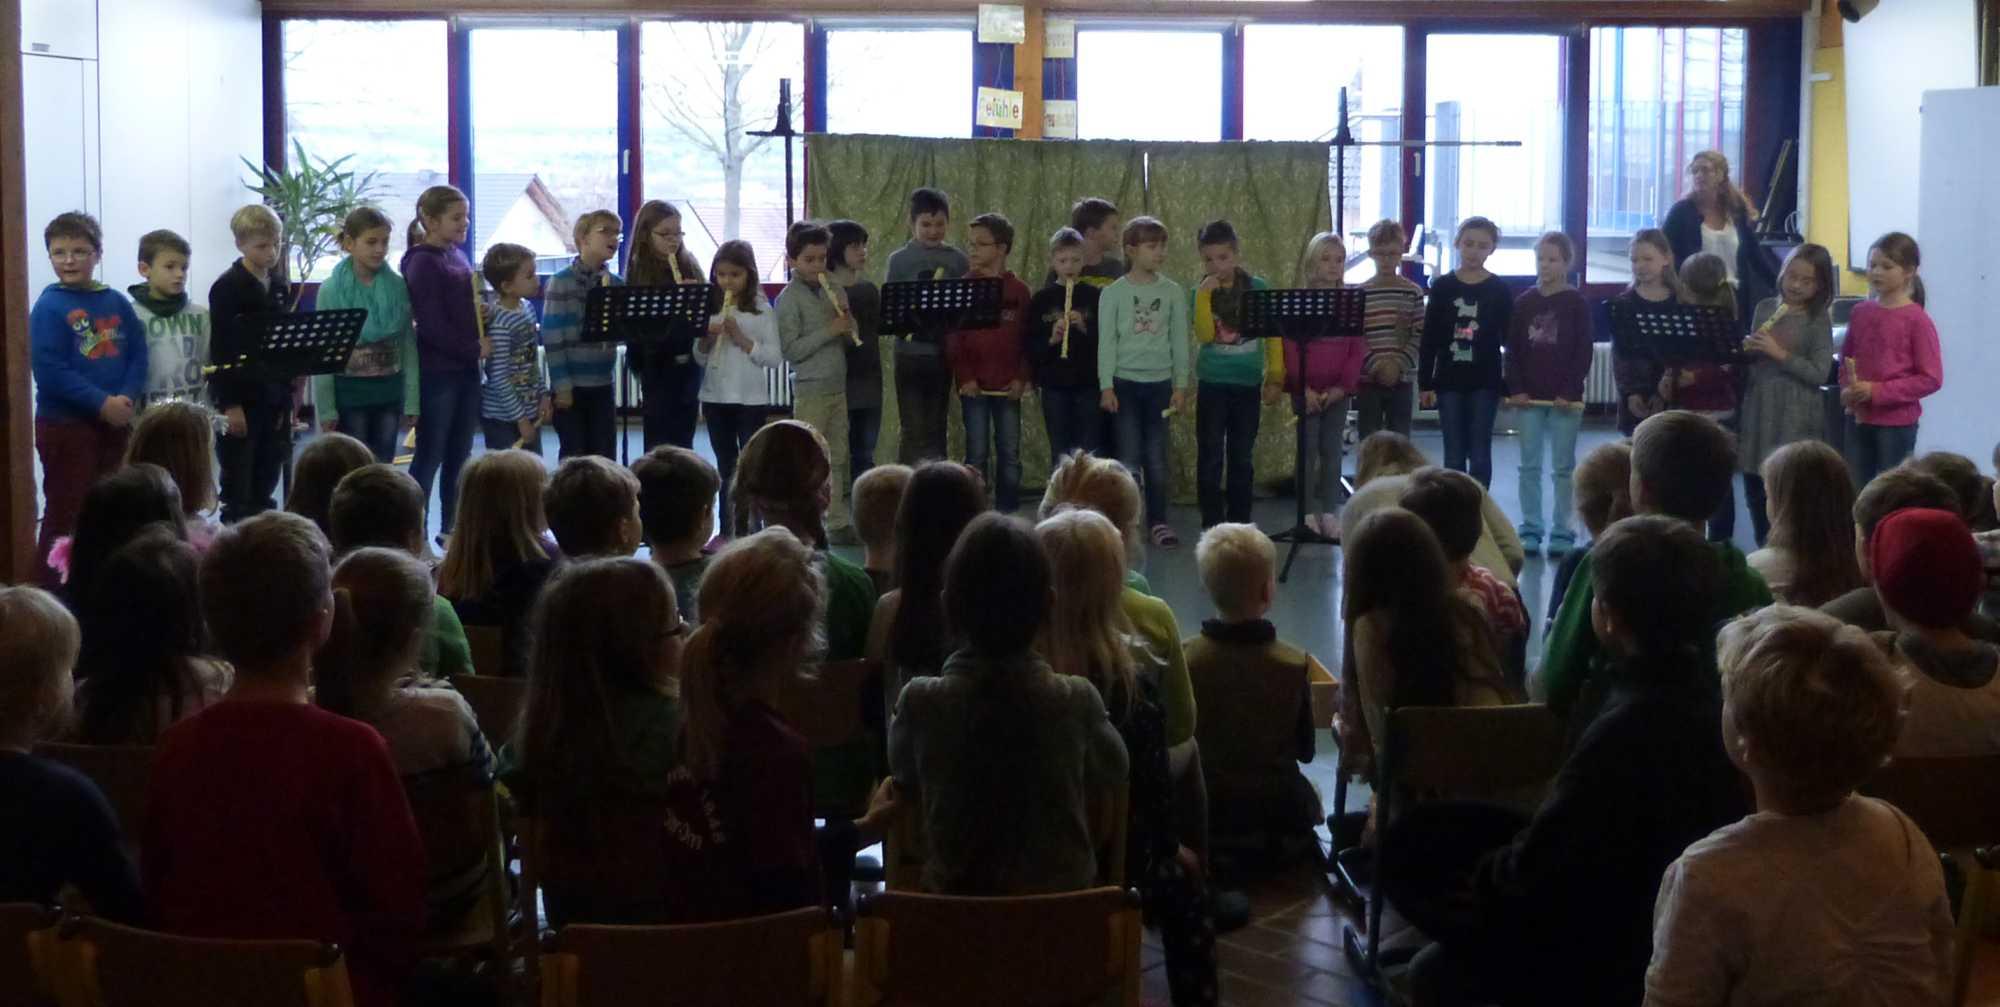 2014.12.19. Schulversammlung Flötenstück 2. Klassen